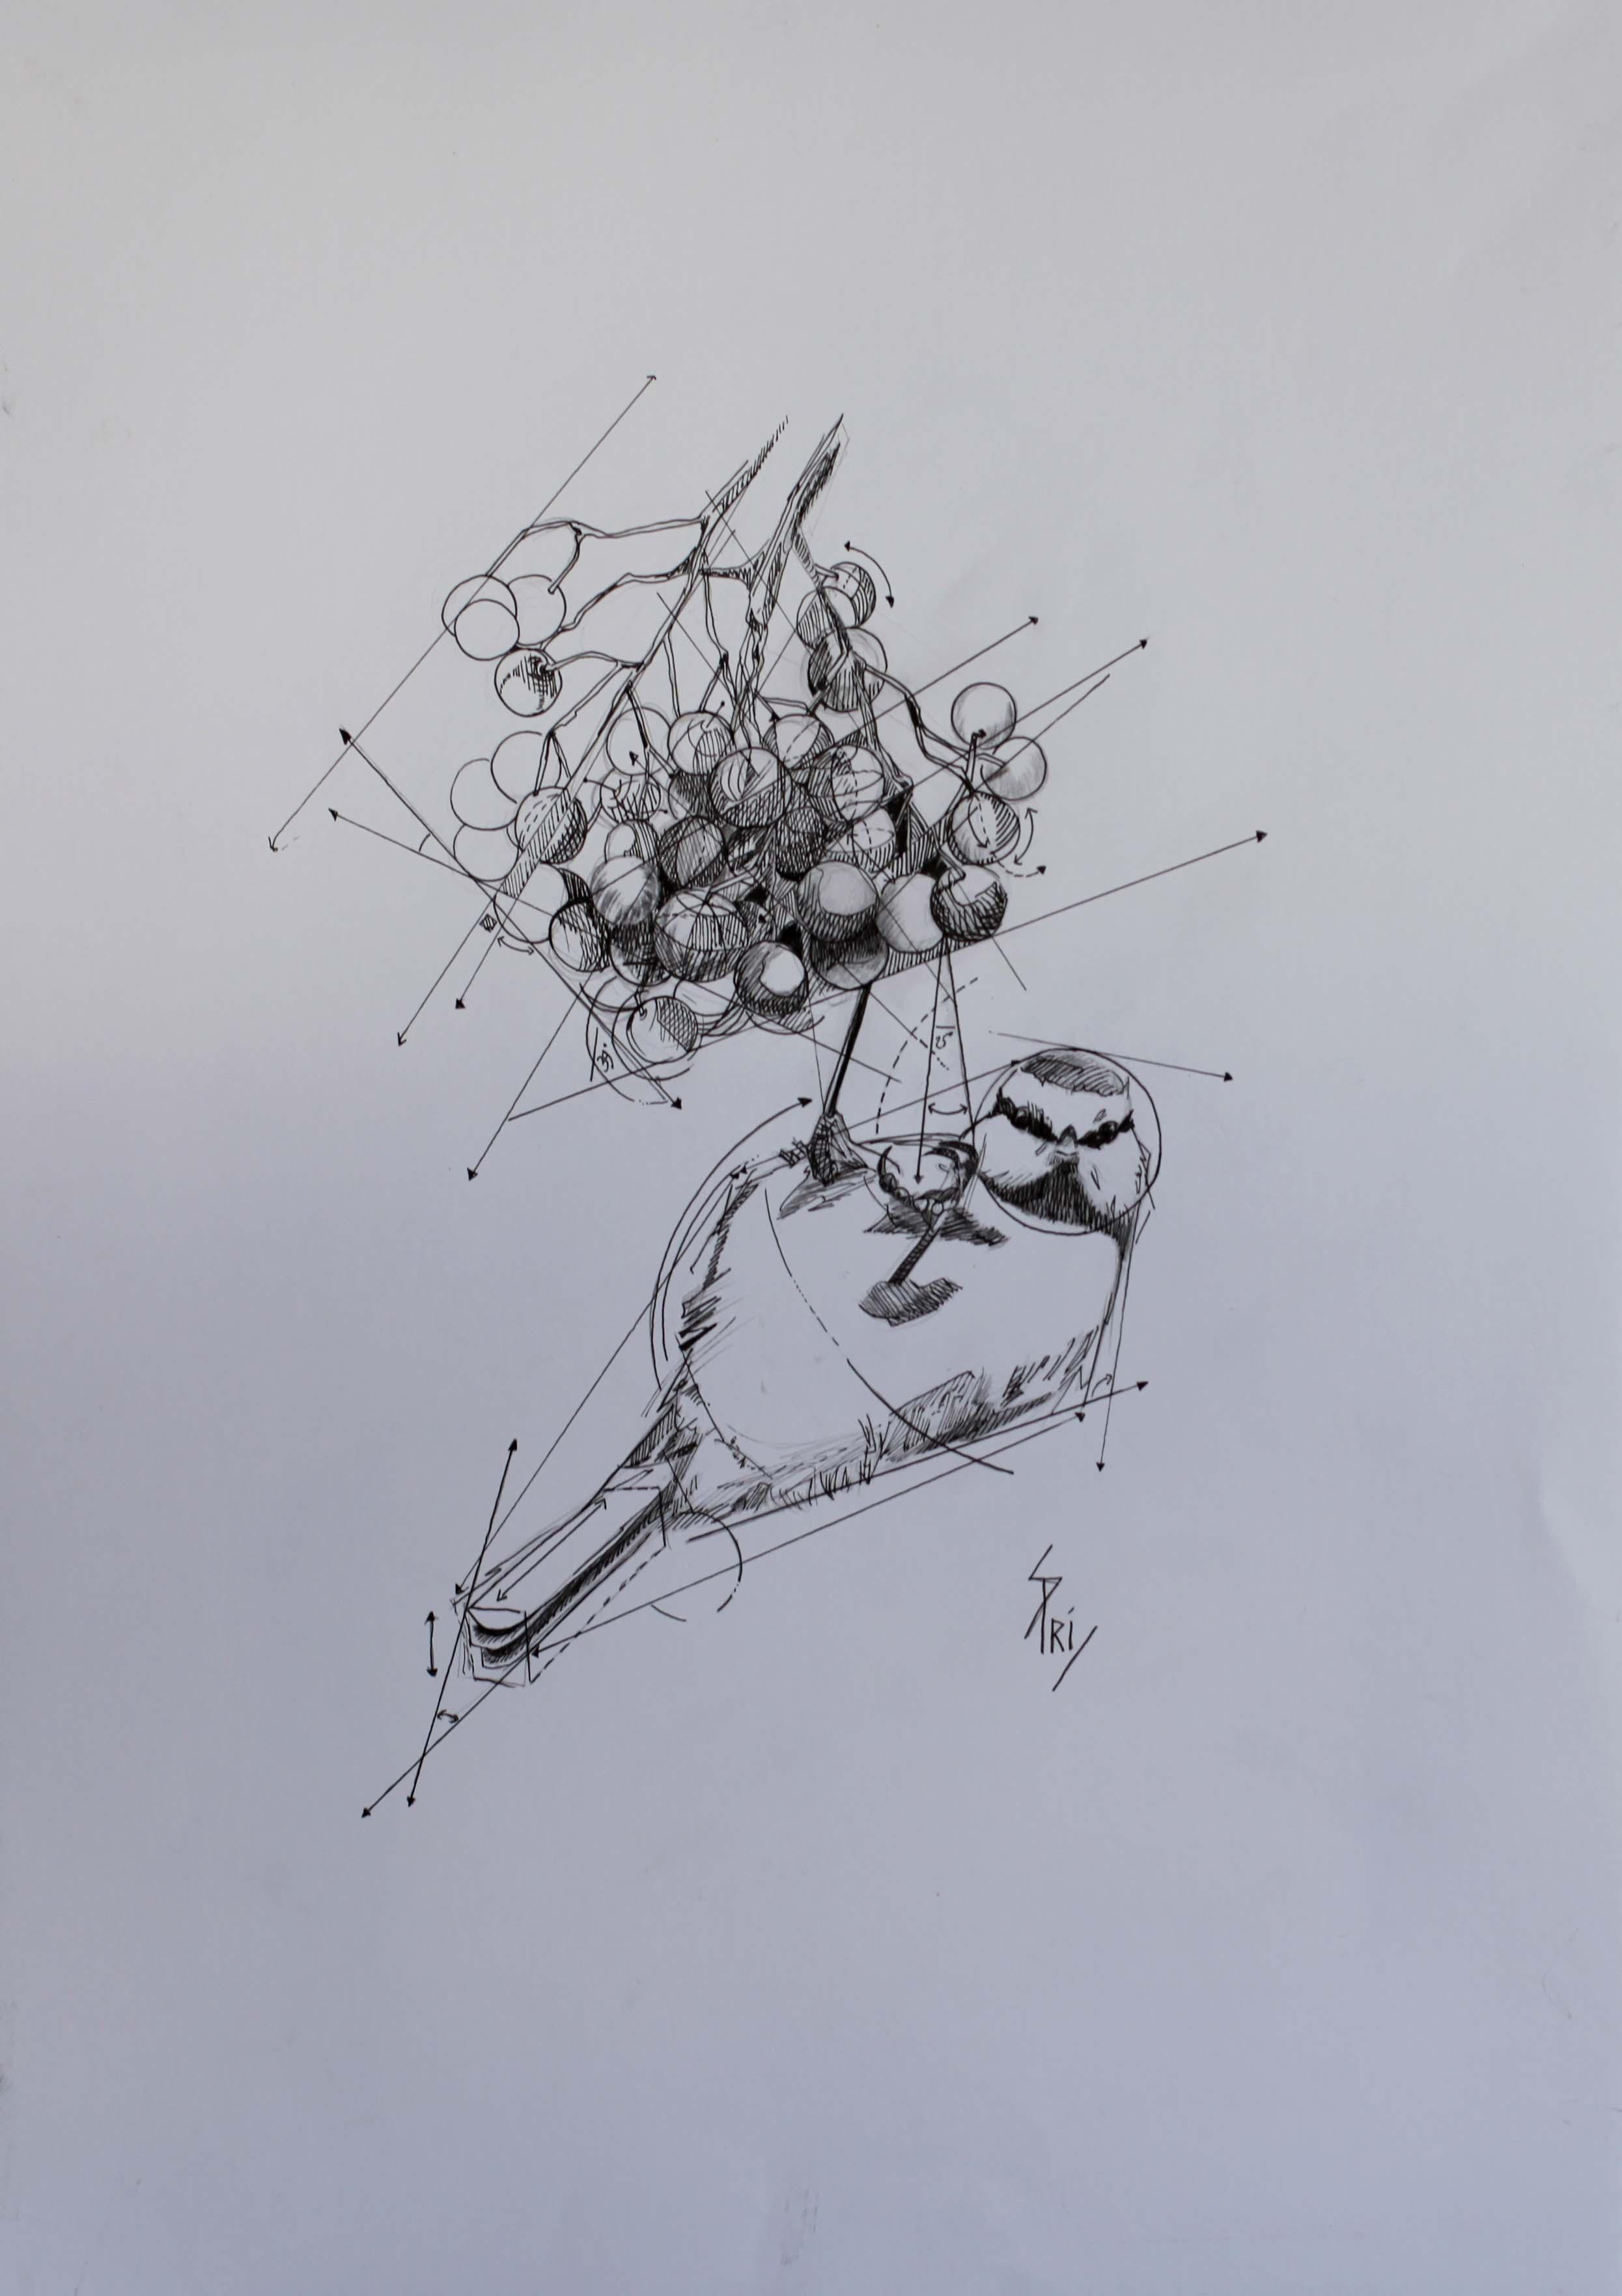 Mésange au stylo par la dessinatrice Priscilla Seiller